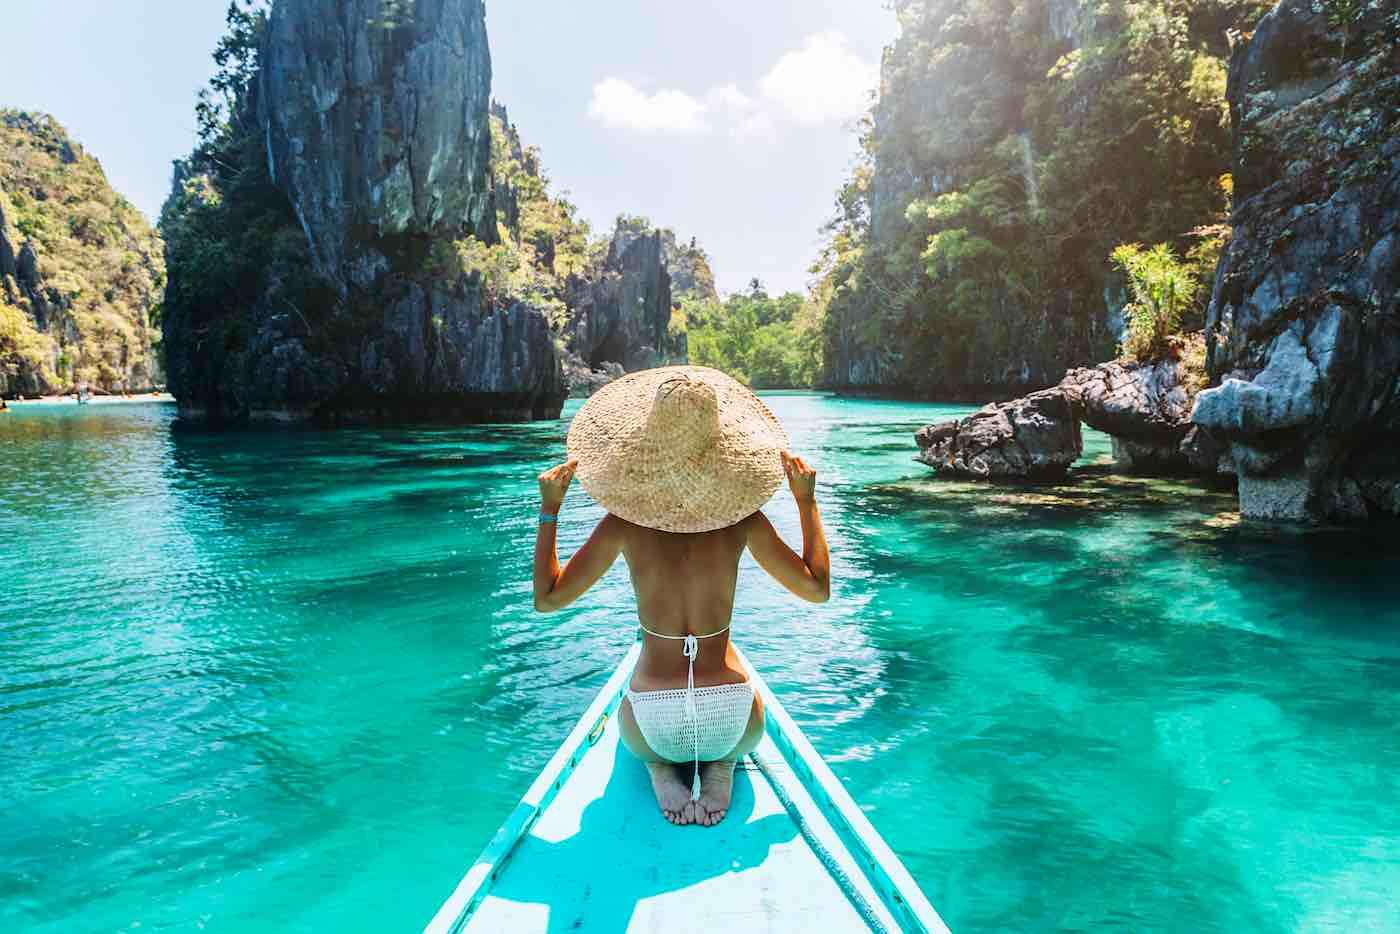 Estos son los 11 principales destinos para viajar en 2021, según TripAdvisor